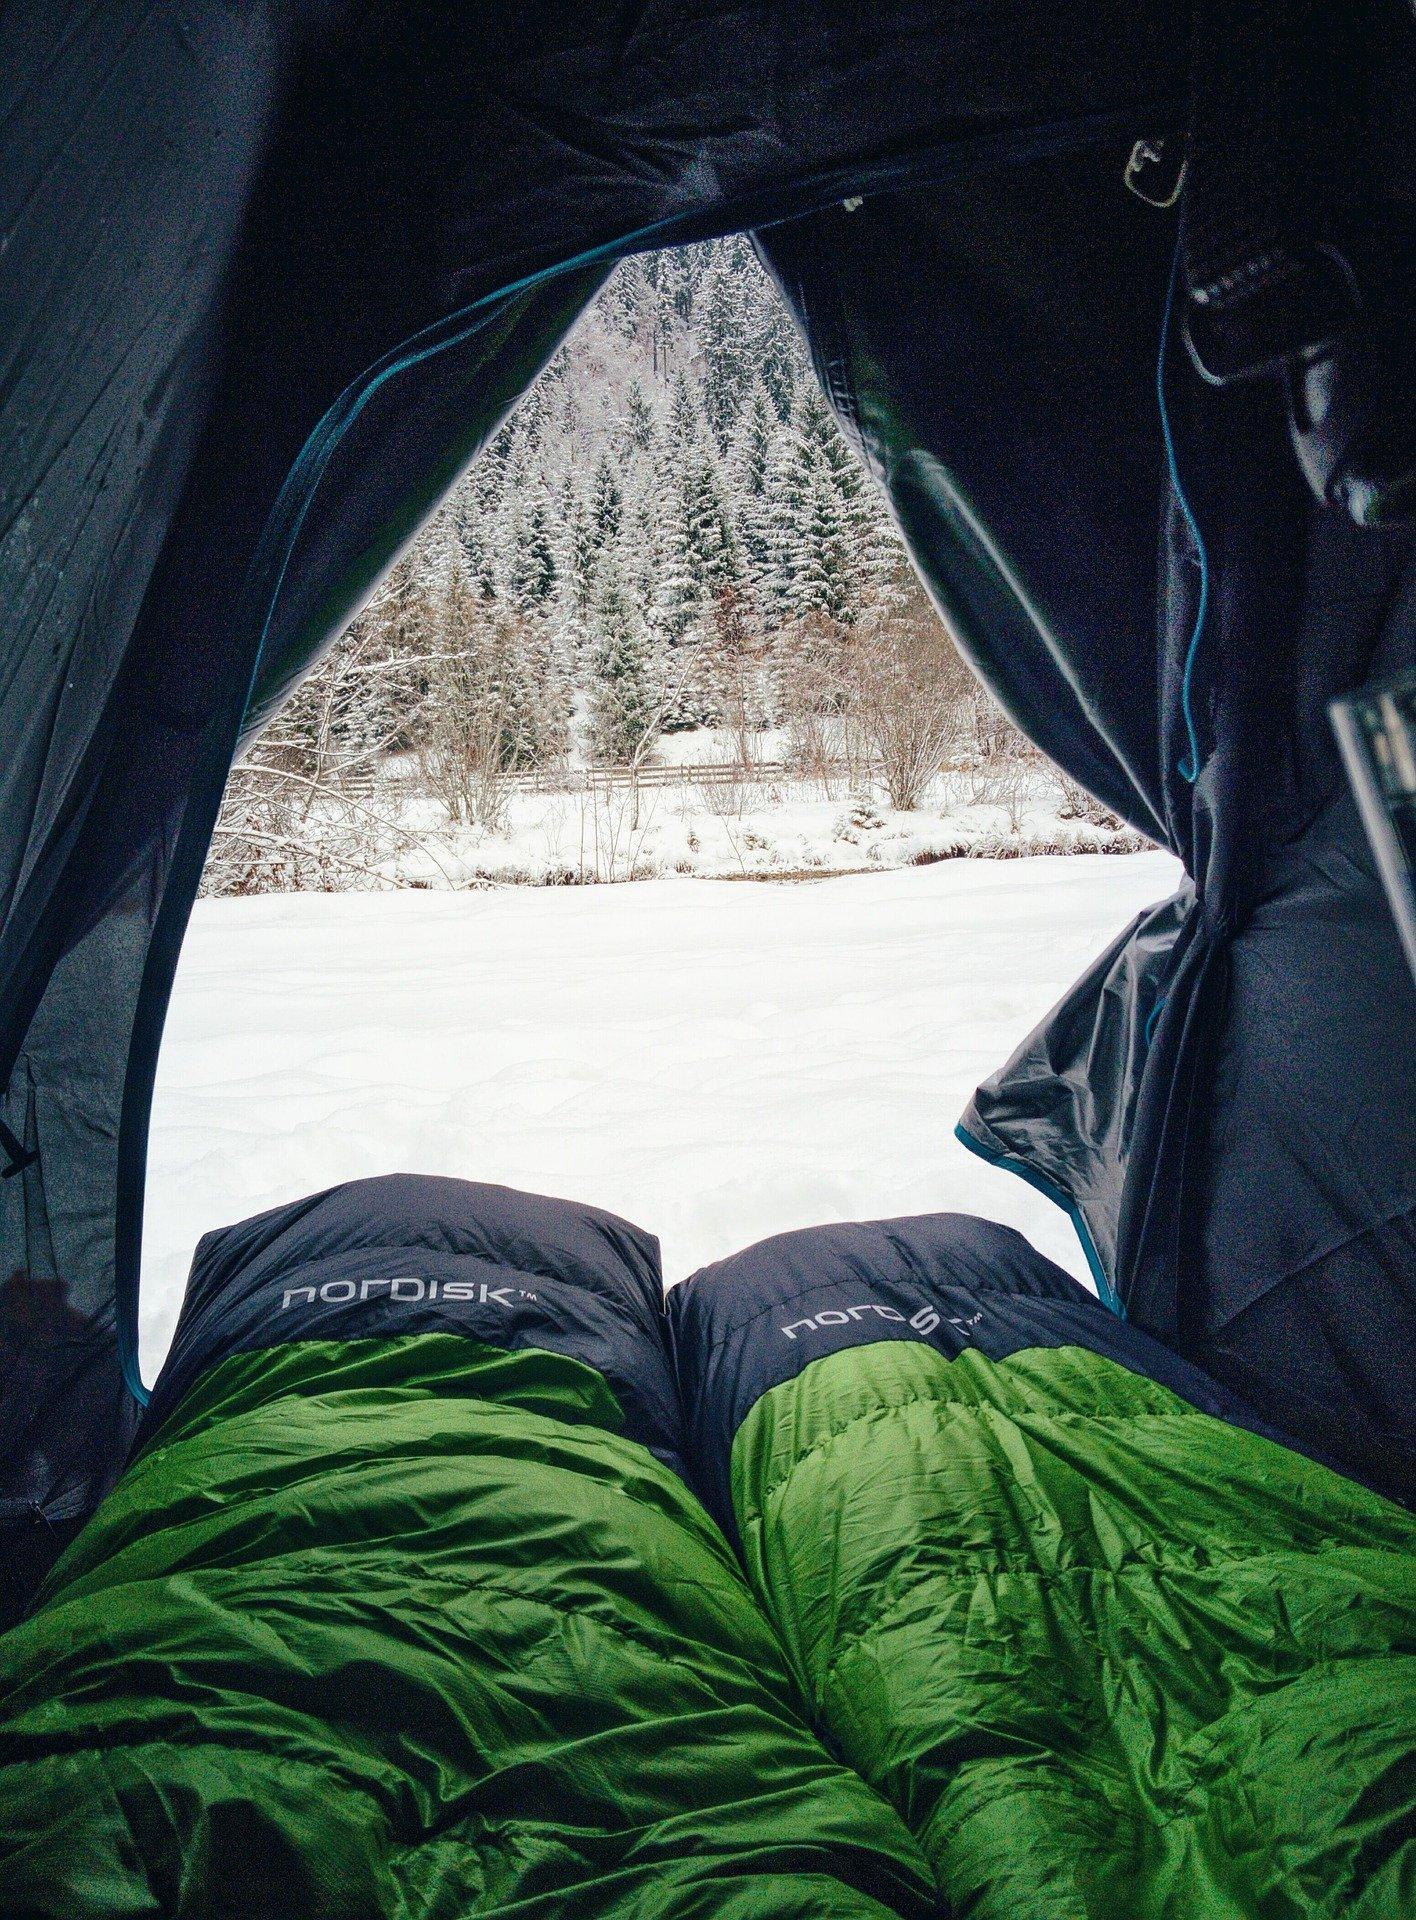 Lightweight Sleeping Bag Inside a Camping Tent